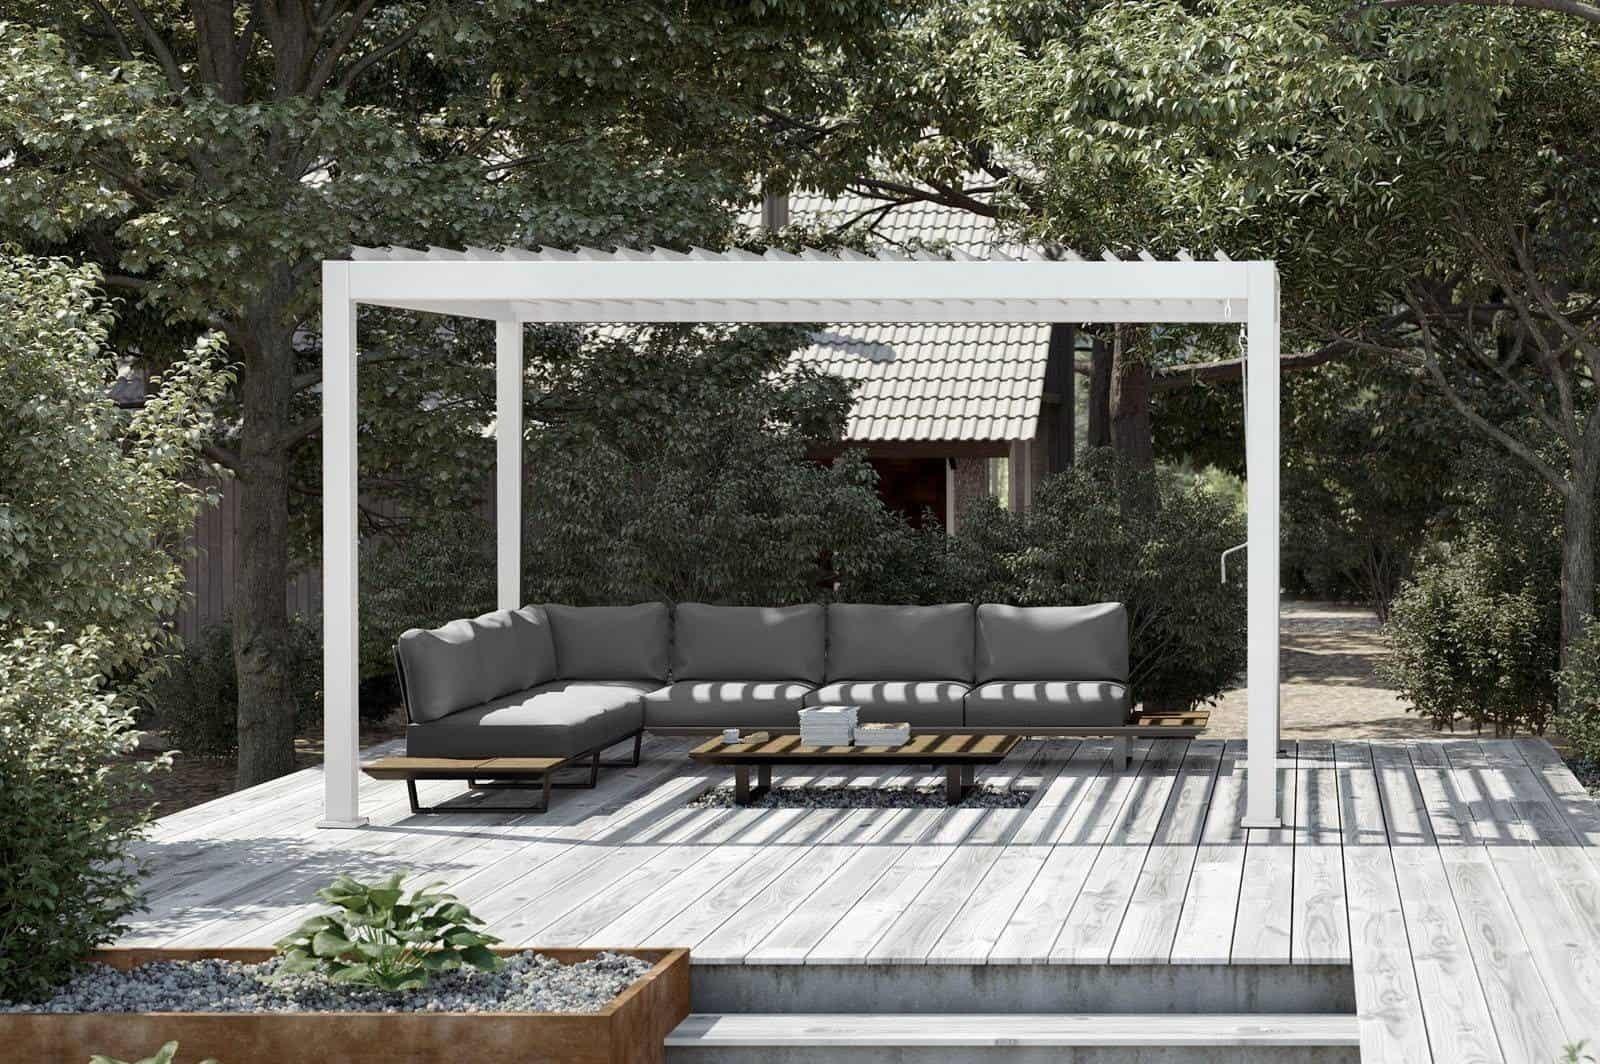 Nowoczesna pergola metalowa – odpoczywaj komfortowo blisko natury